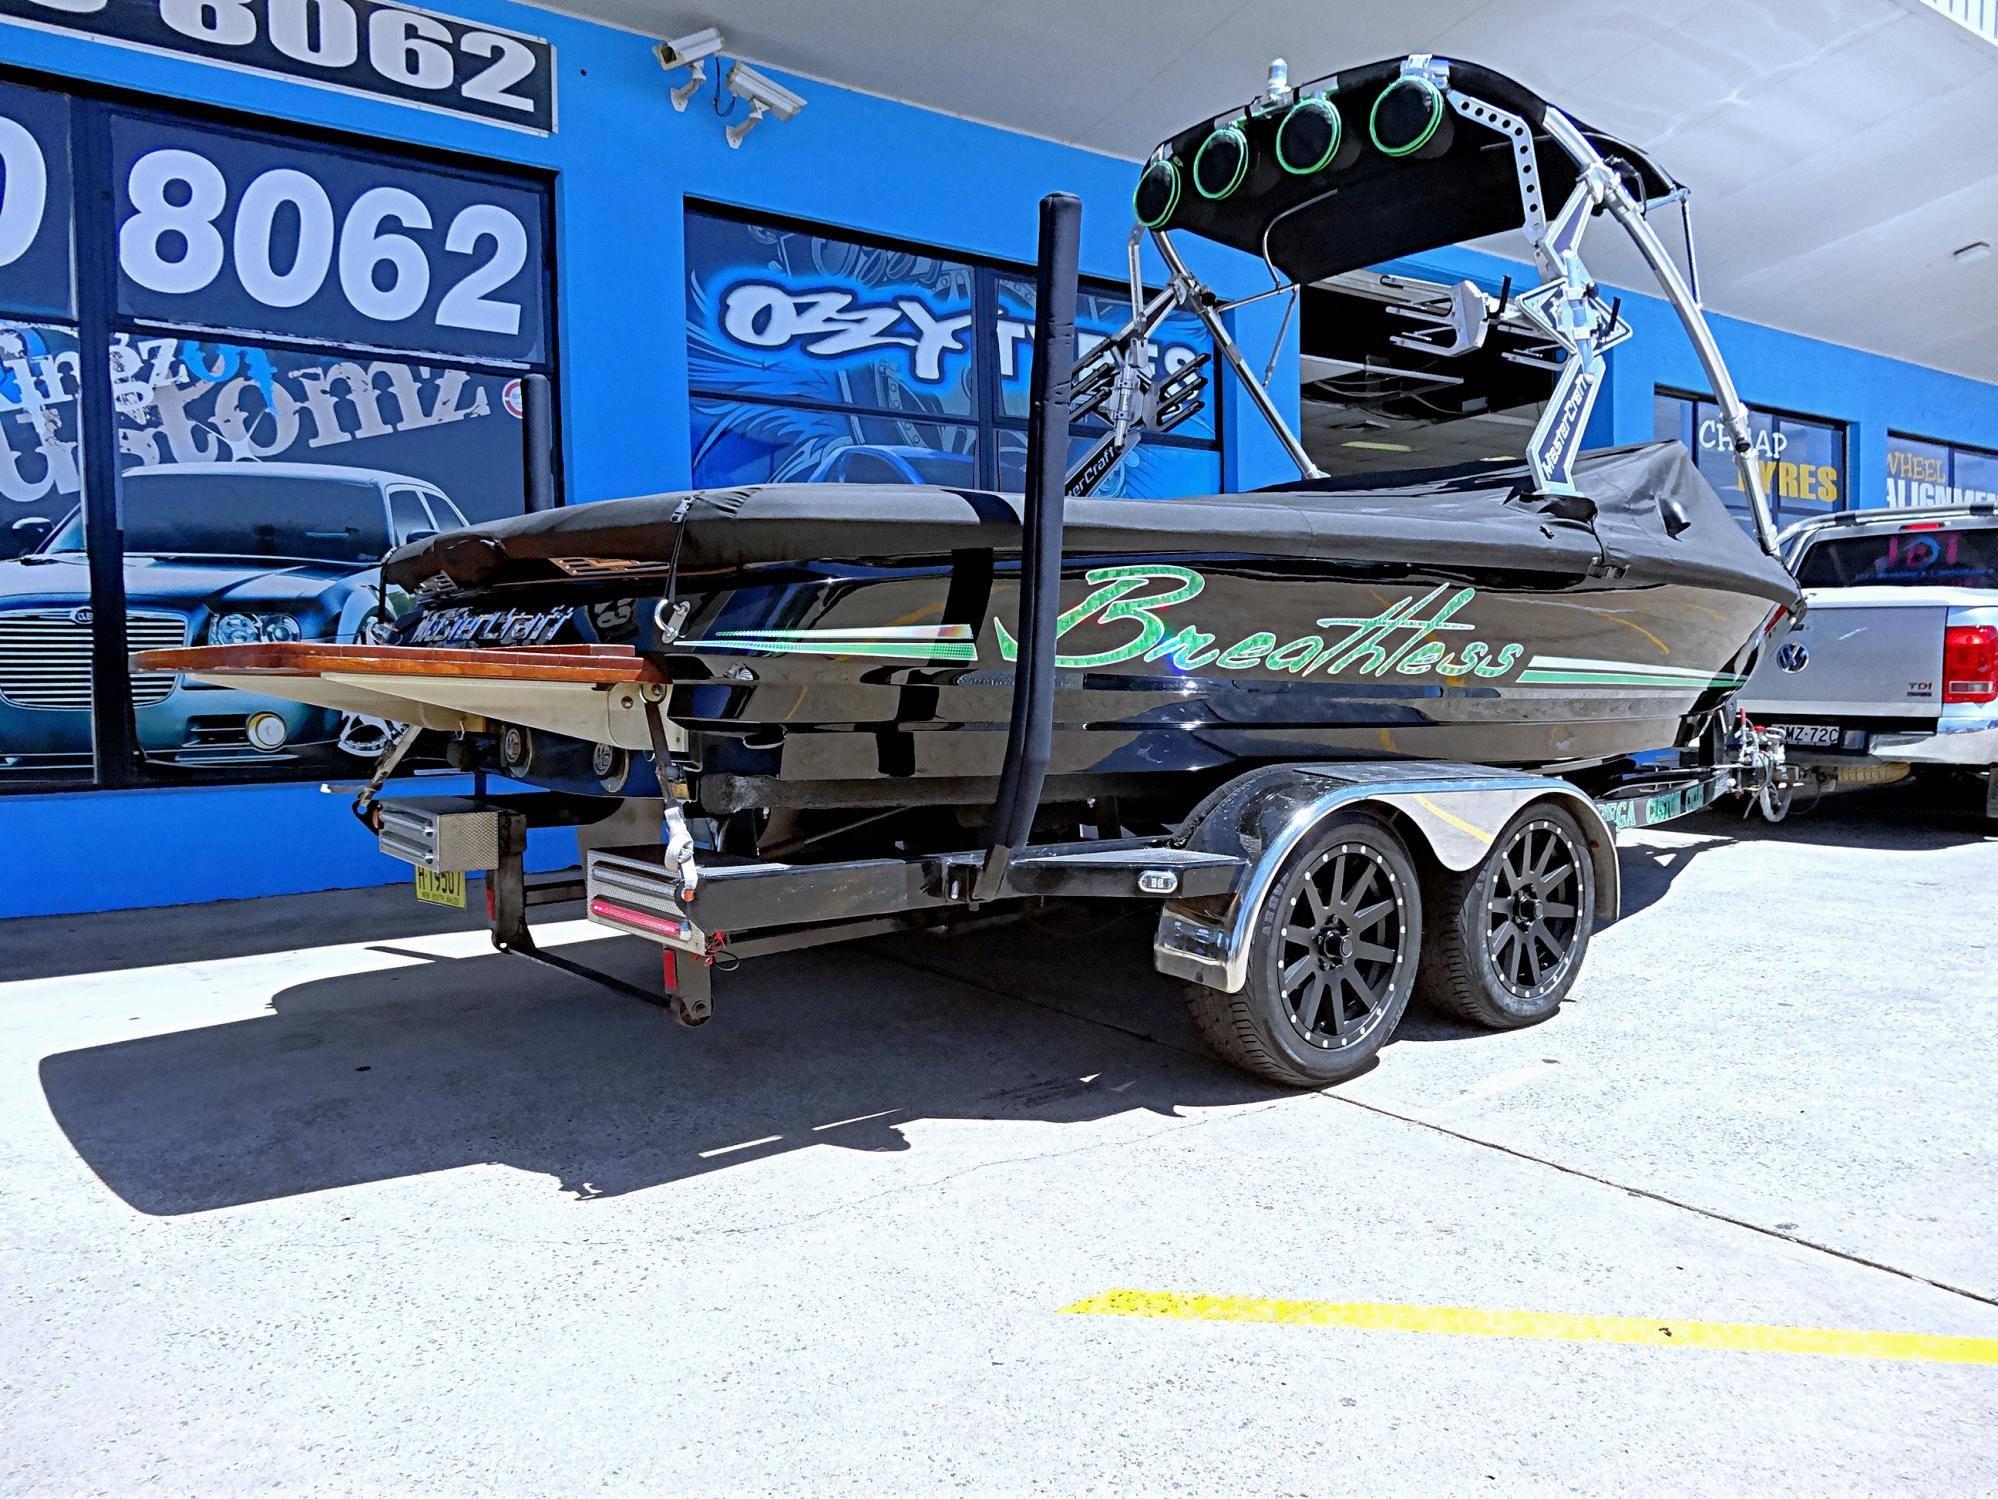 boat-trailer-wheels-kmc-heist-in-matte-black-size-17x8